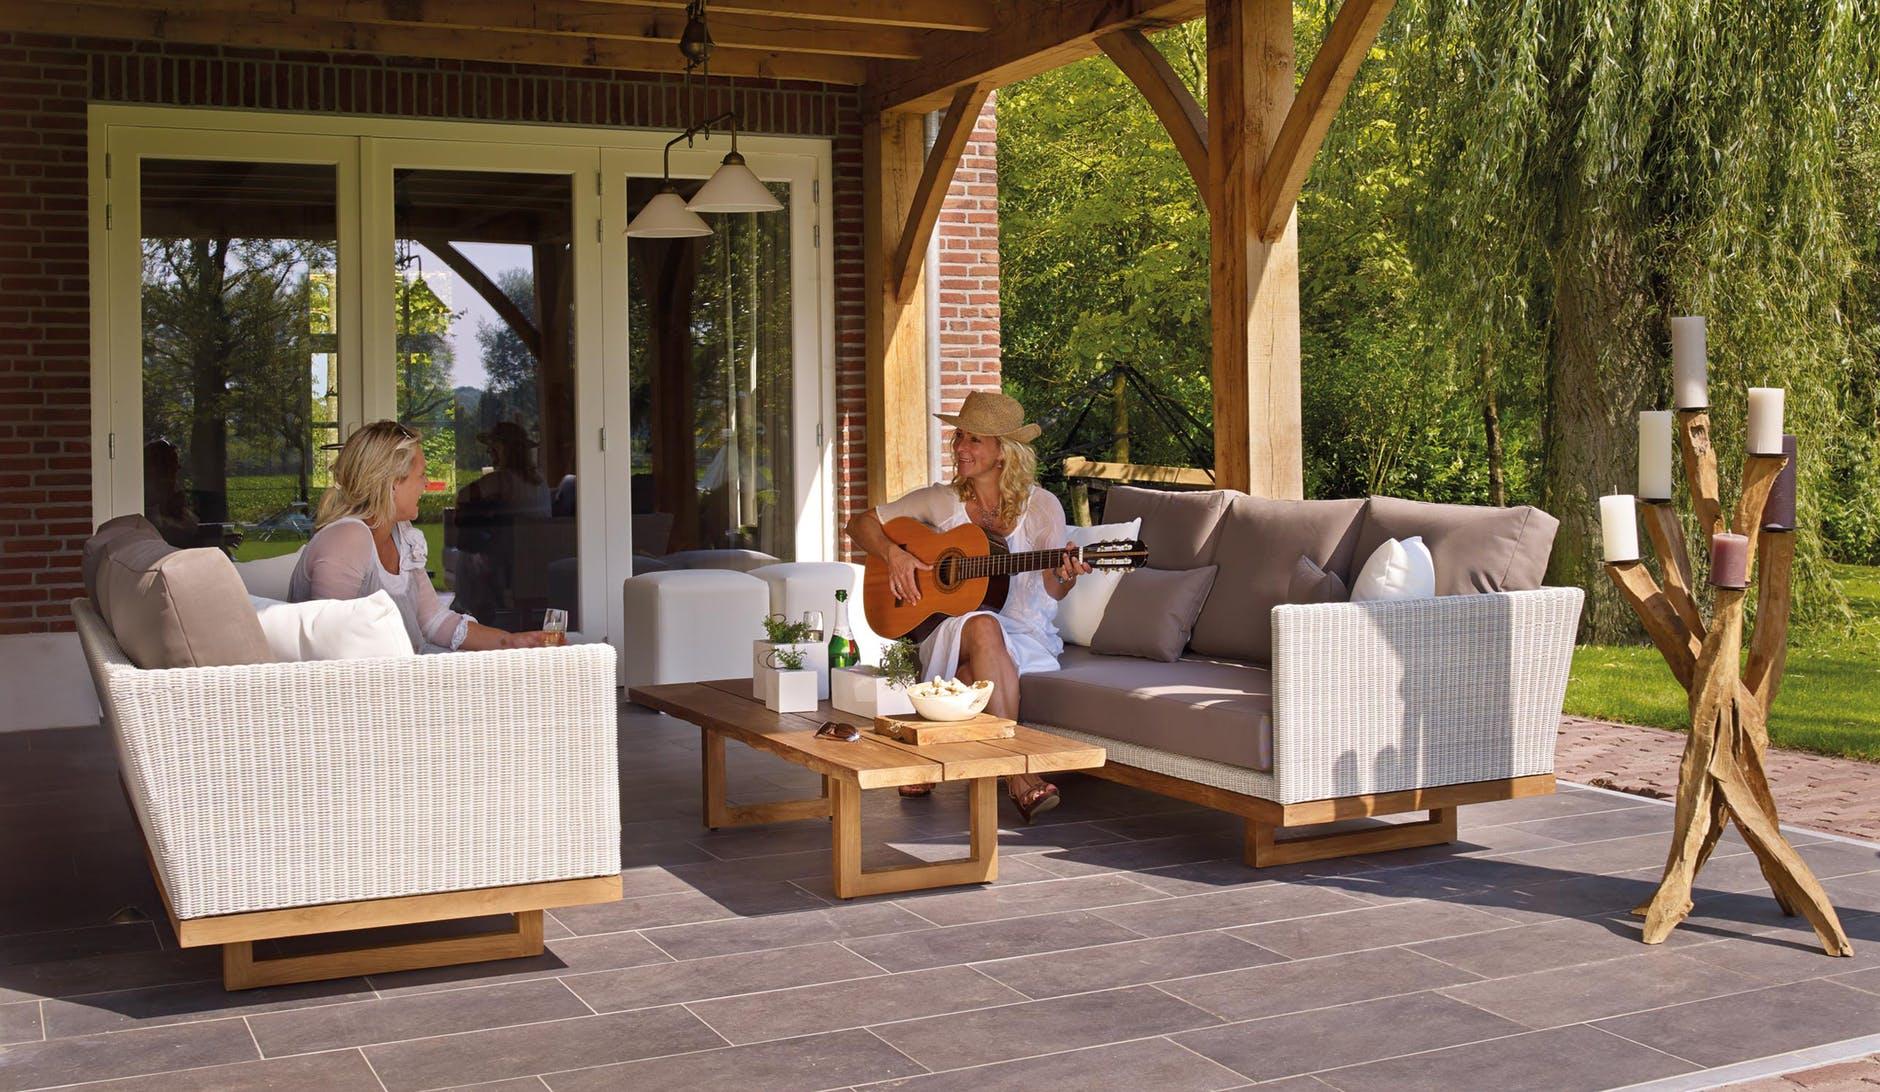 Fa kerti bútorok felkészítése a télre